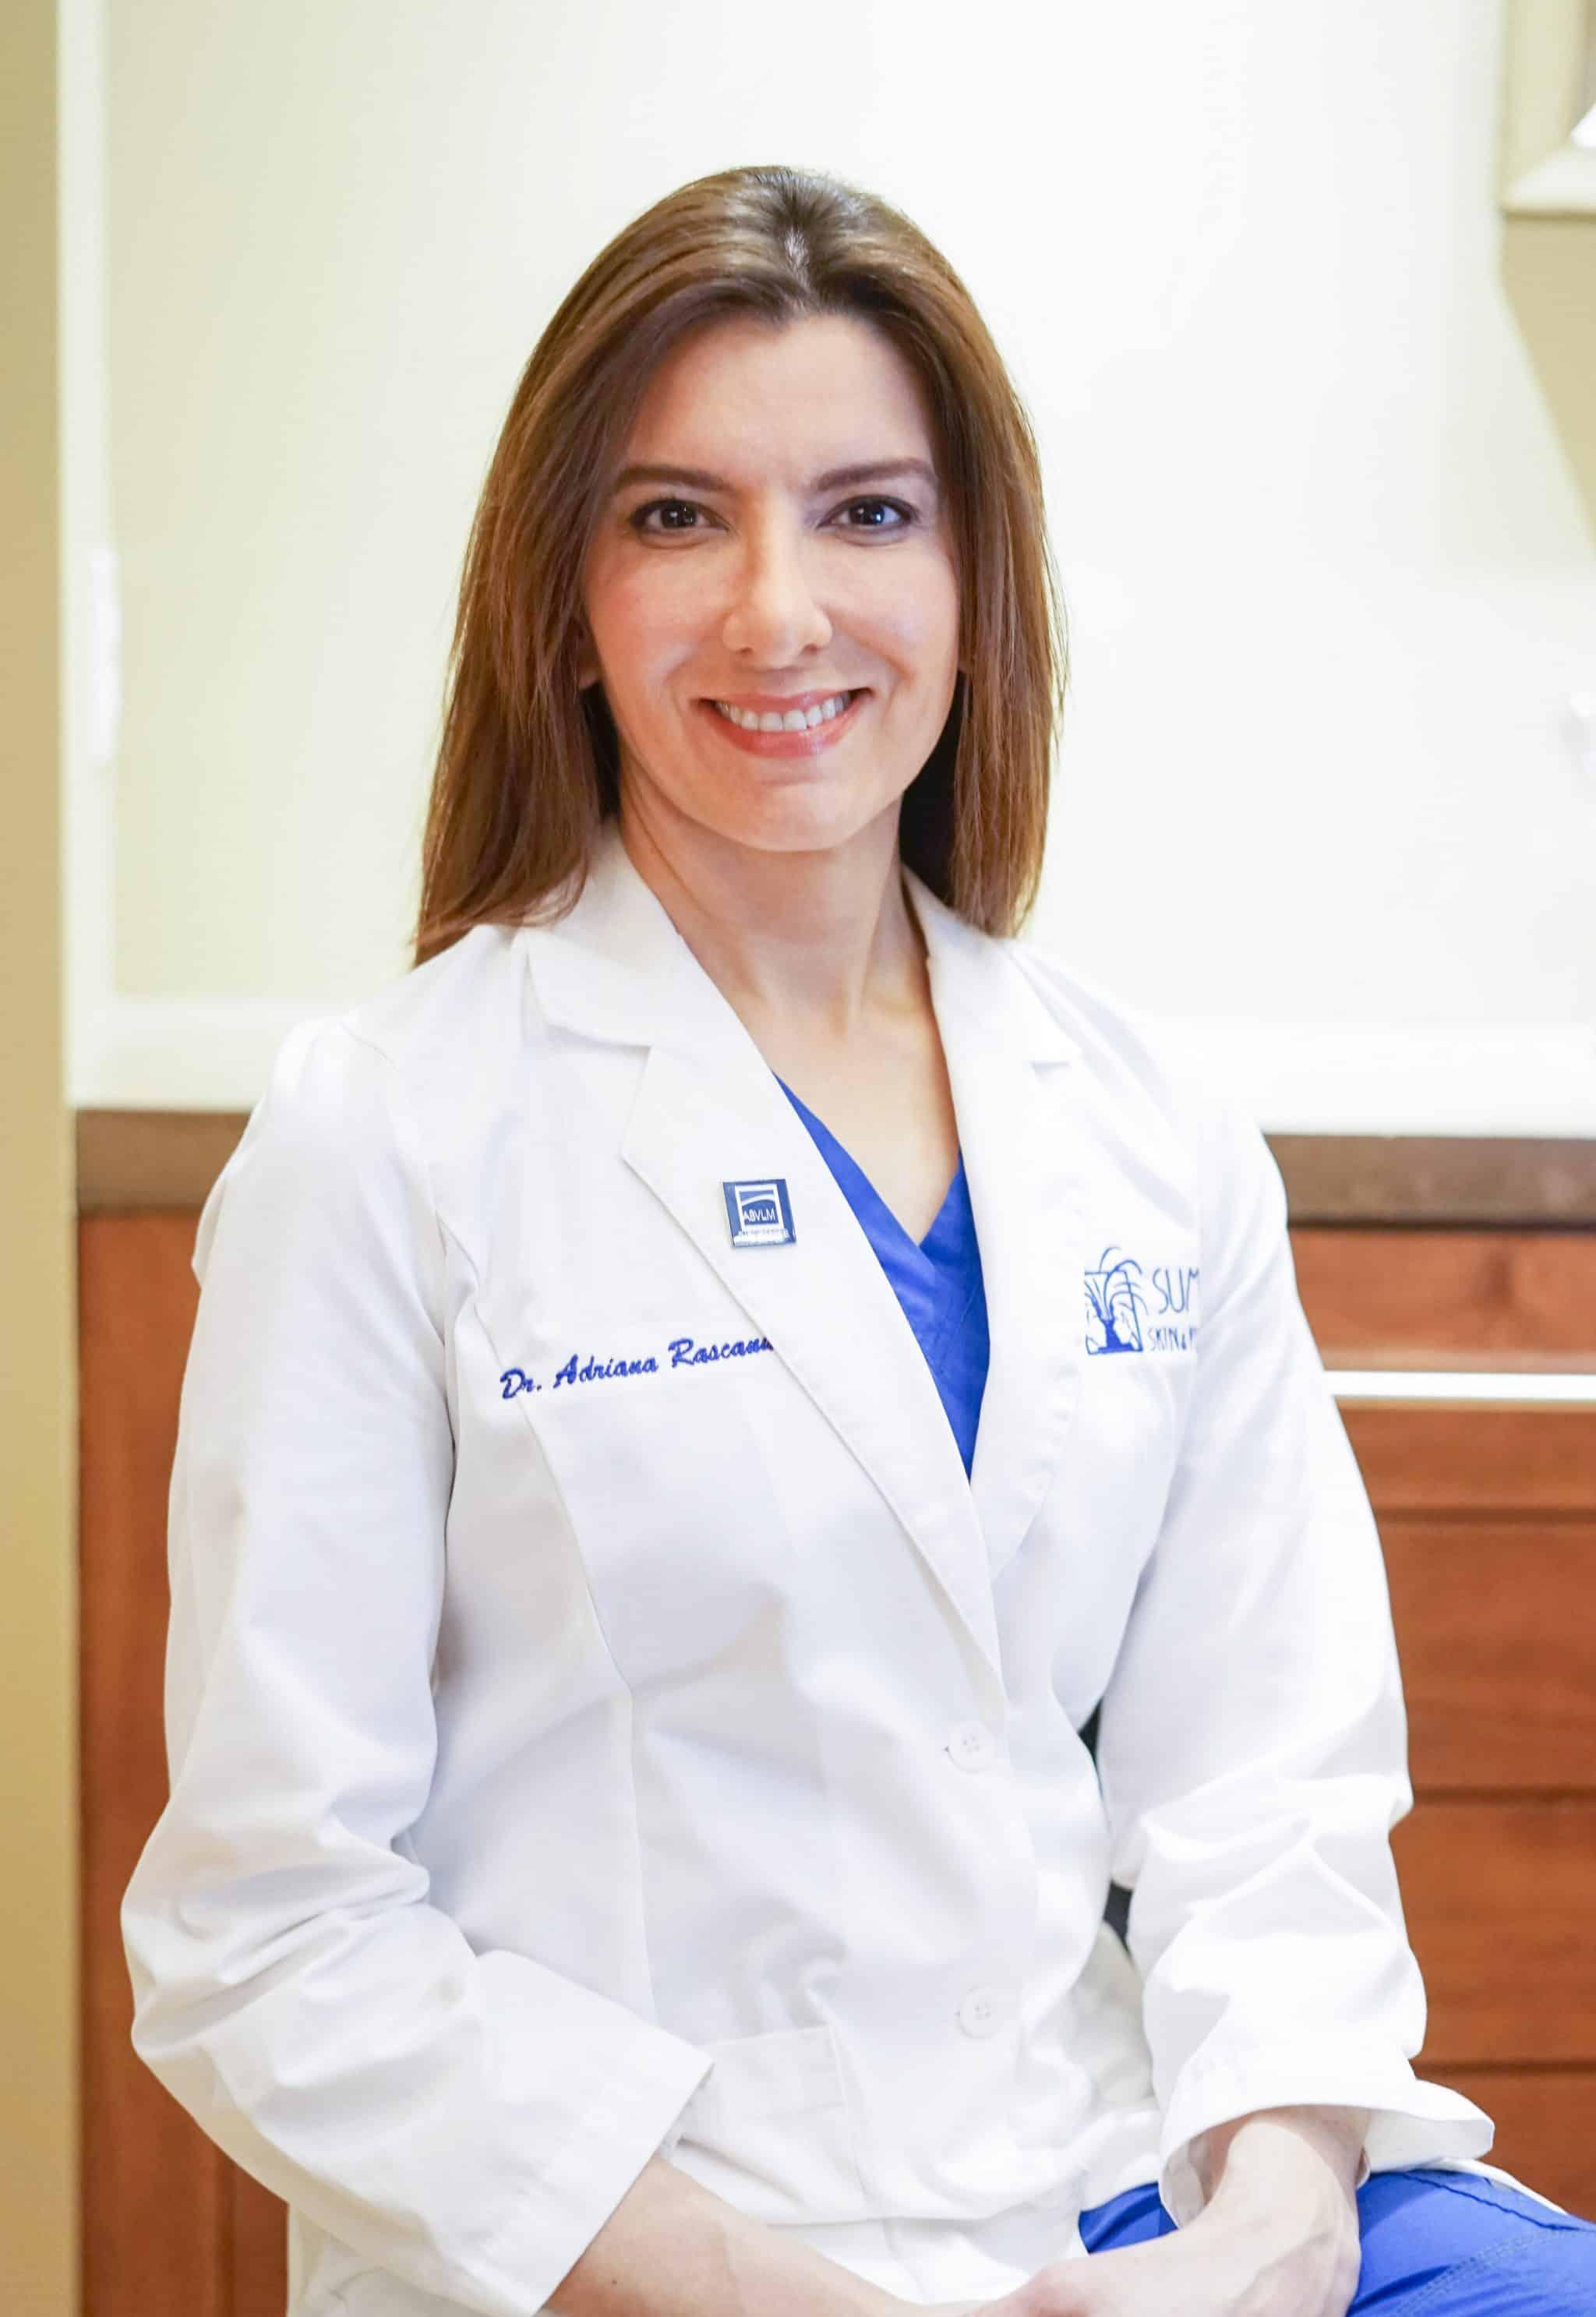 Dr Racsanu